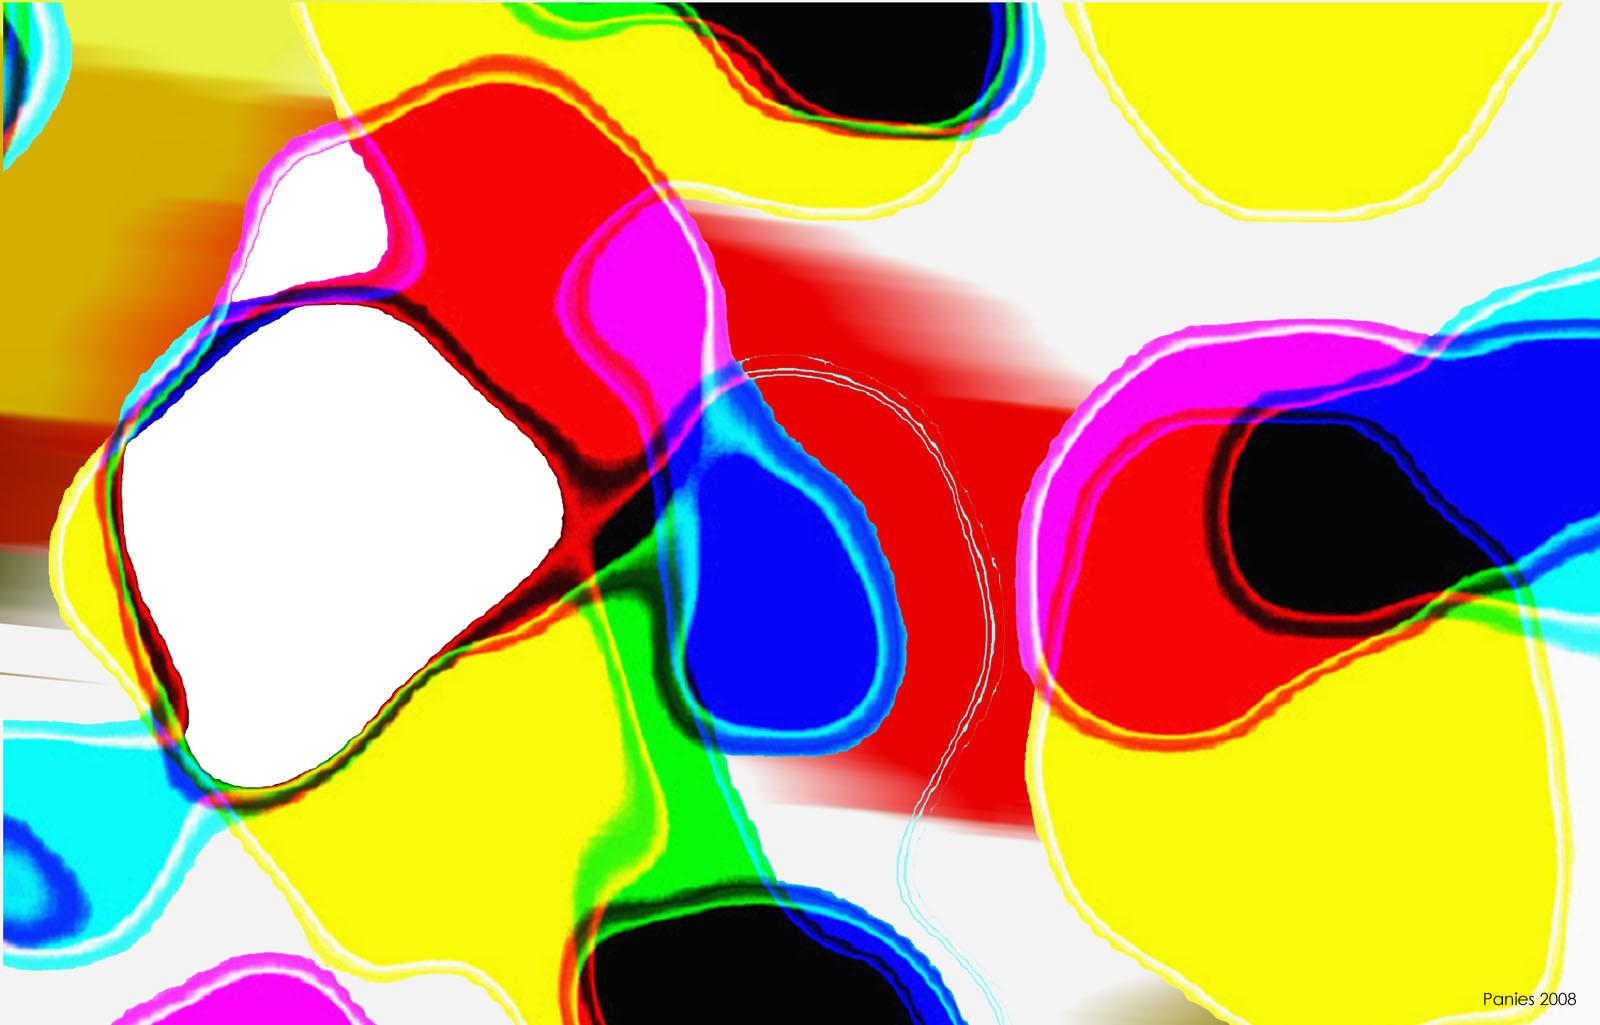 panies-danielvillalobos-art-digital-abstract-15